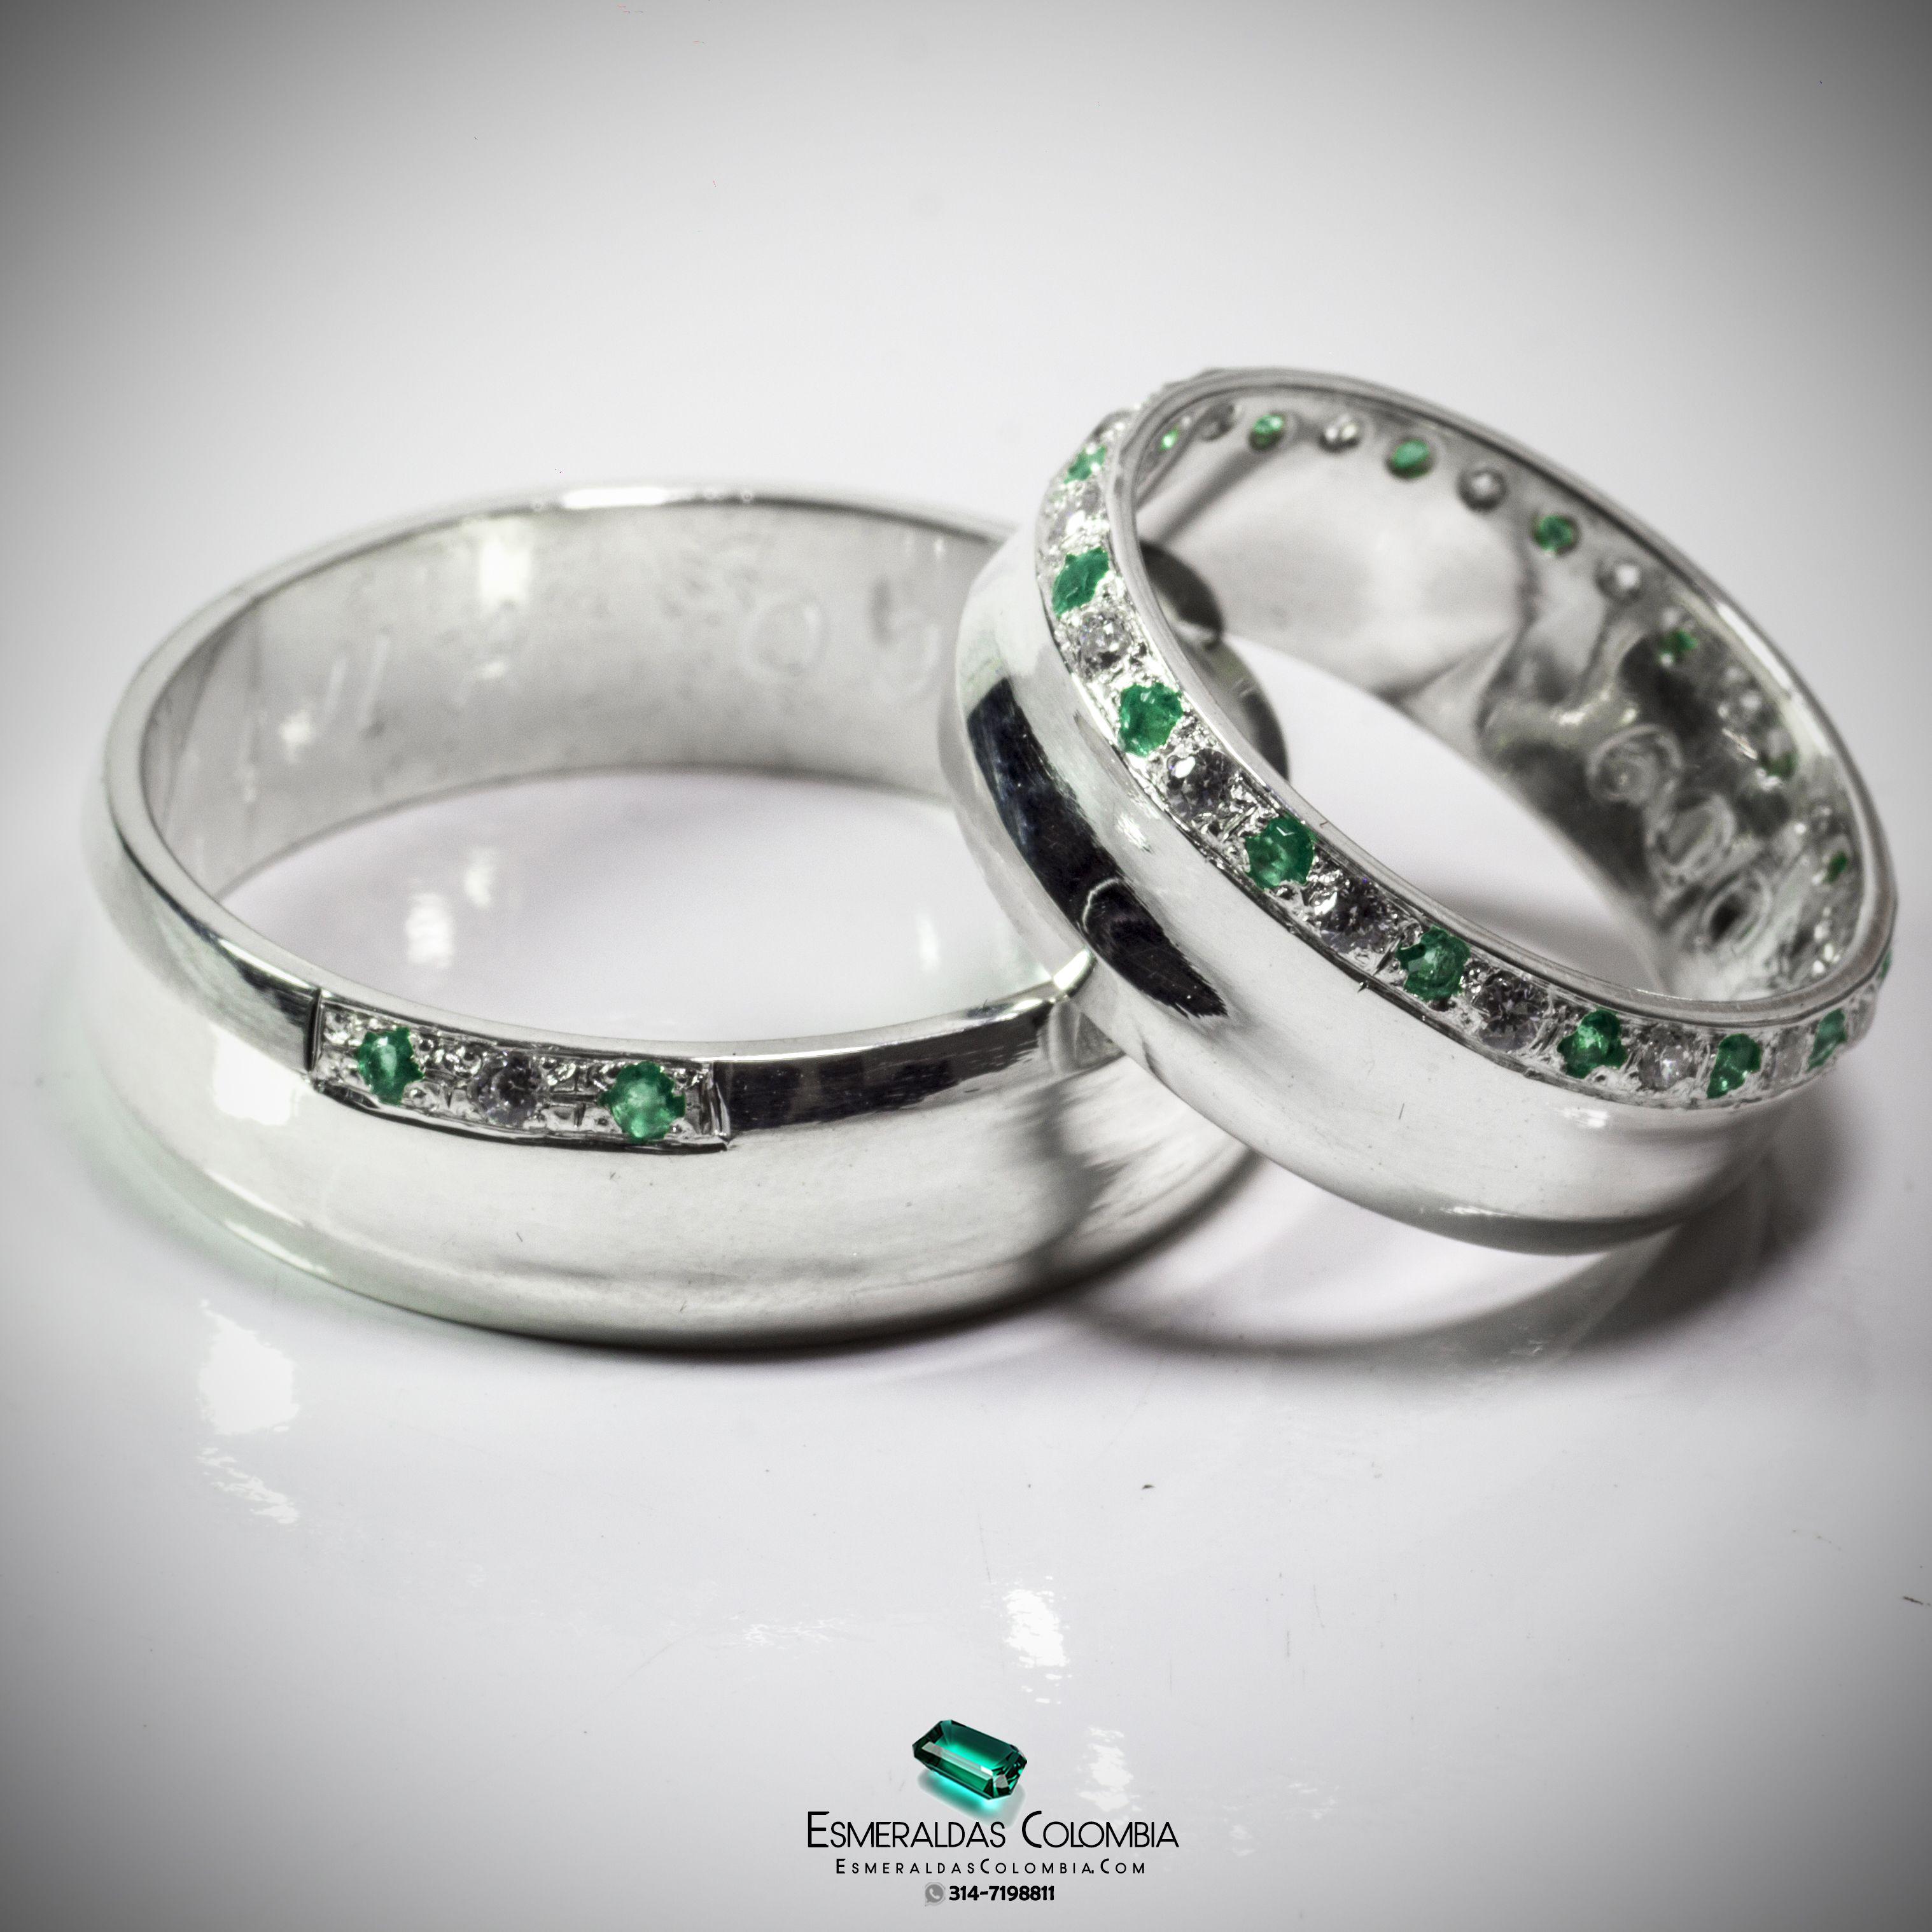 942e45893b69 Argollas de Matrimonio en Oro 18k o Plata con Diamante sintético o  Esmeralda Colombiana  esmeraldascolombia